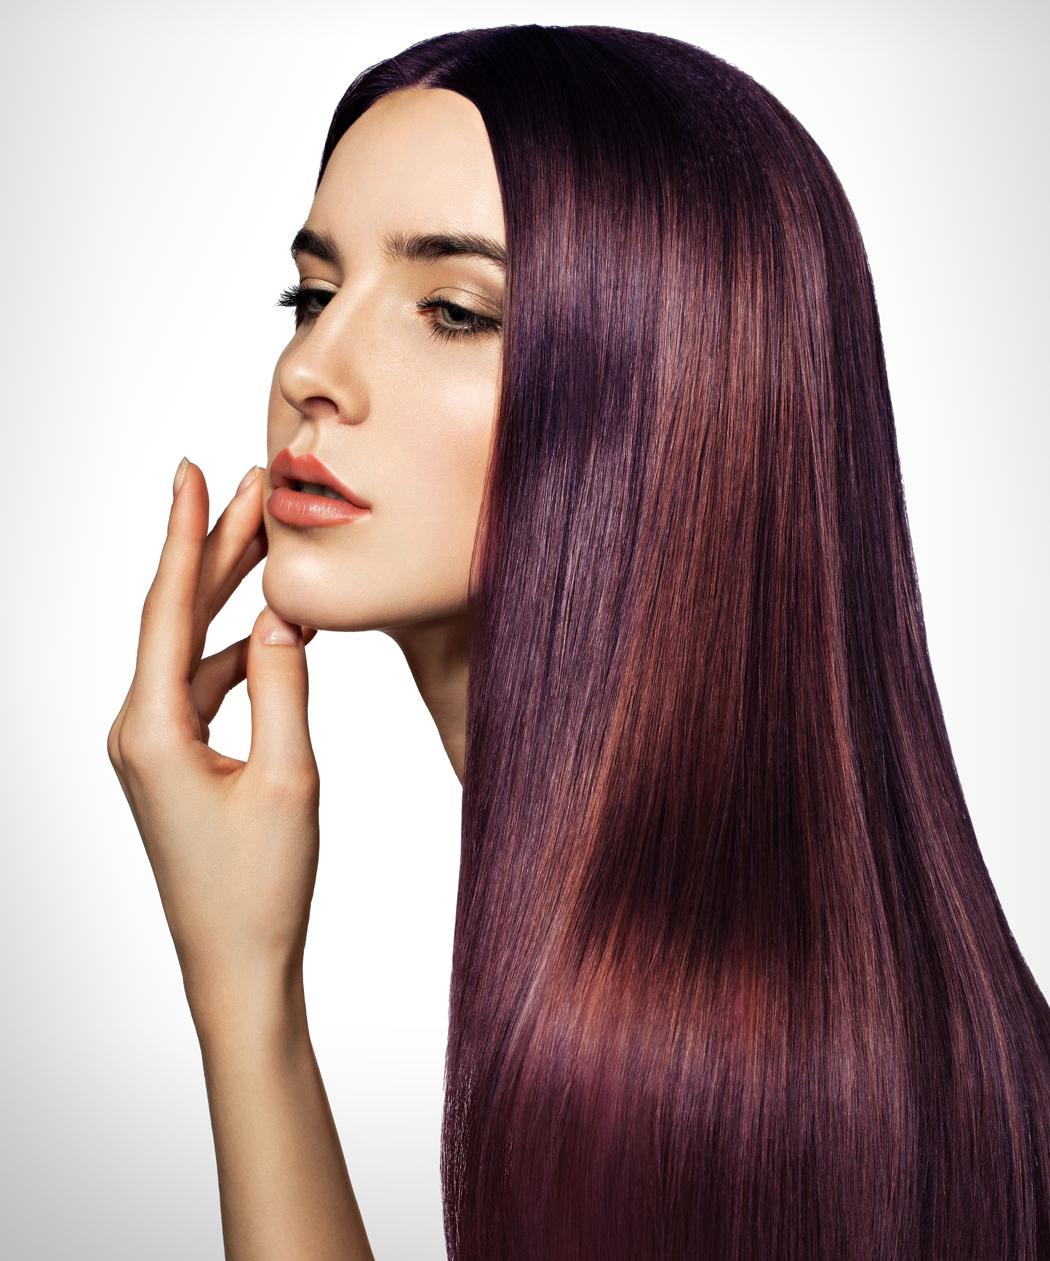 Cheveux violine coloration violette